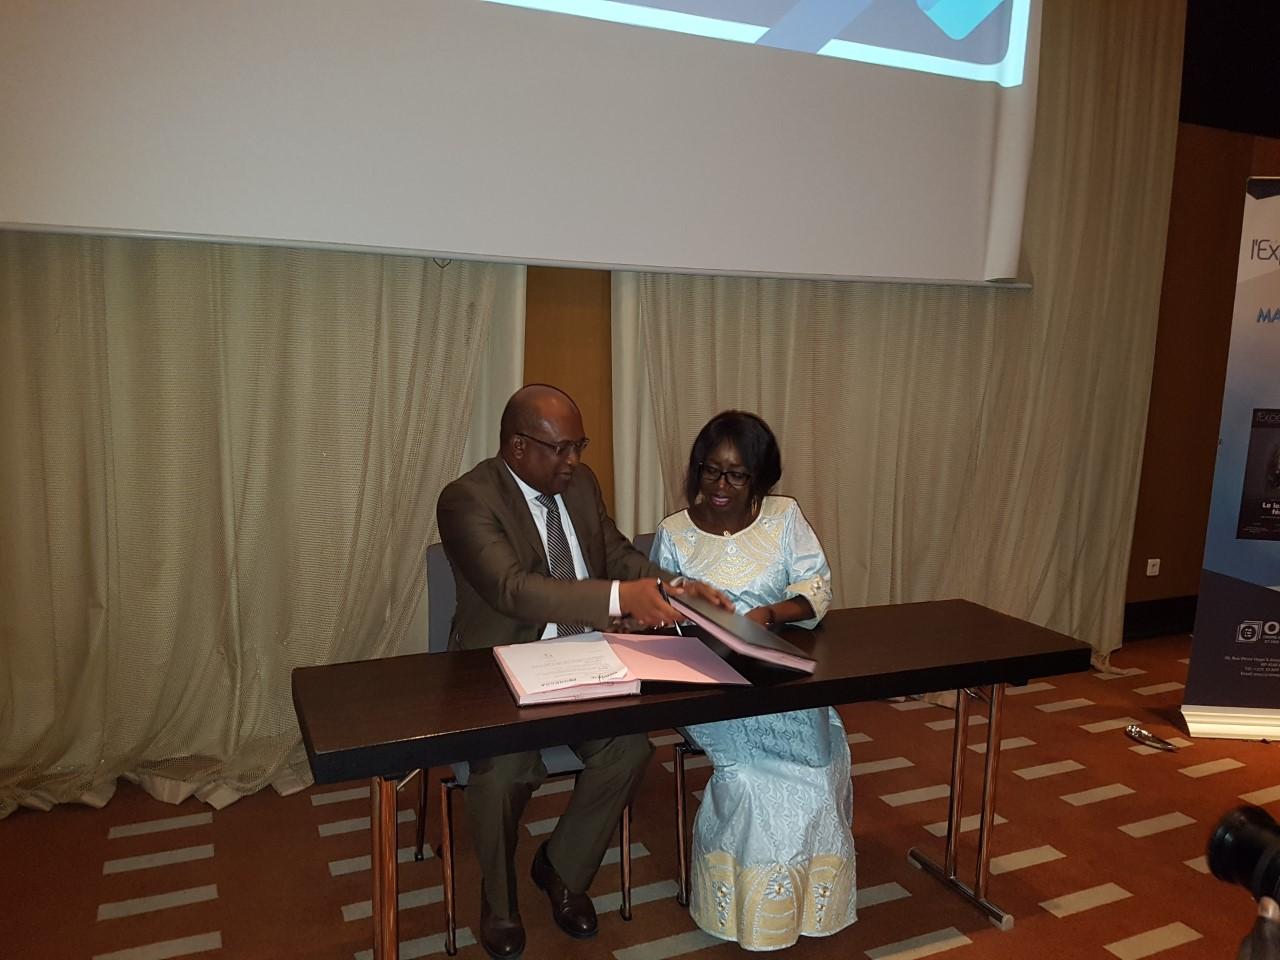 De gauche à droite ,Thierno Seydou Nourou Sy DG de la BNDE et Madame Marie Ba Présidente de l'Onecca